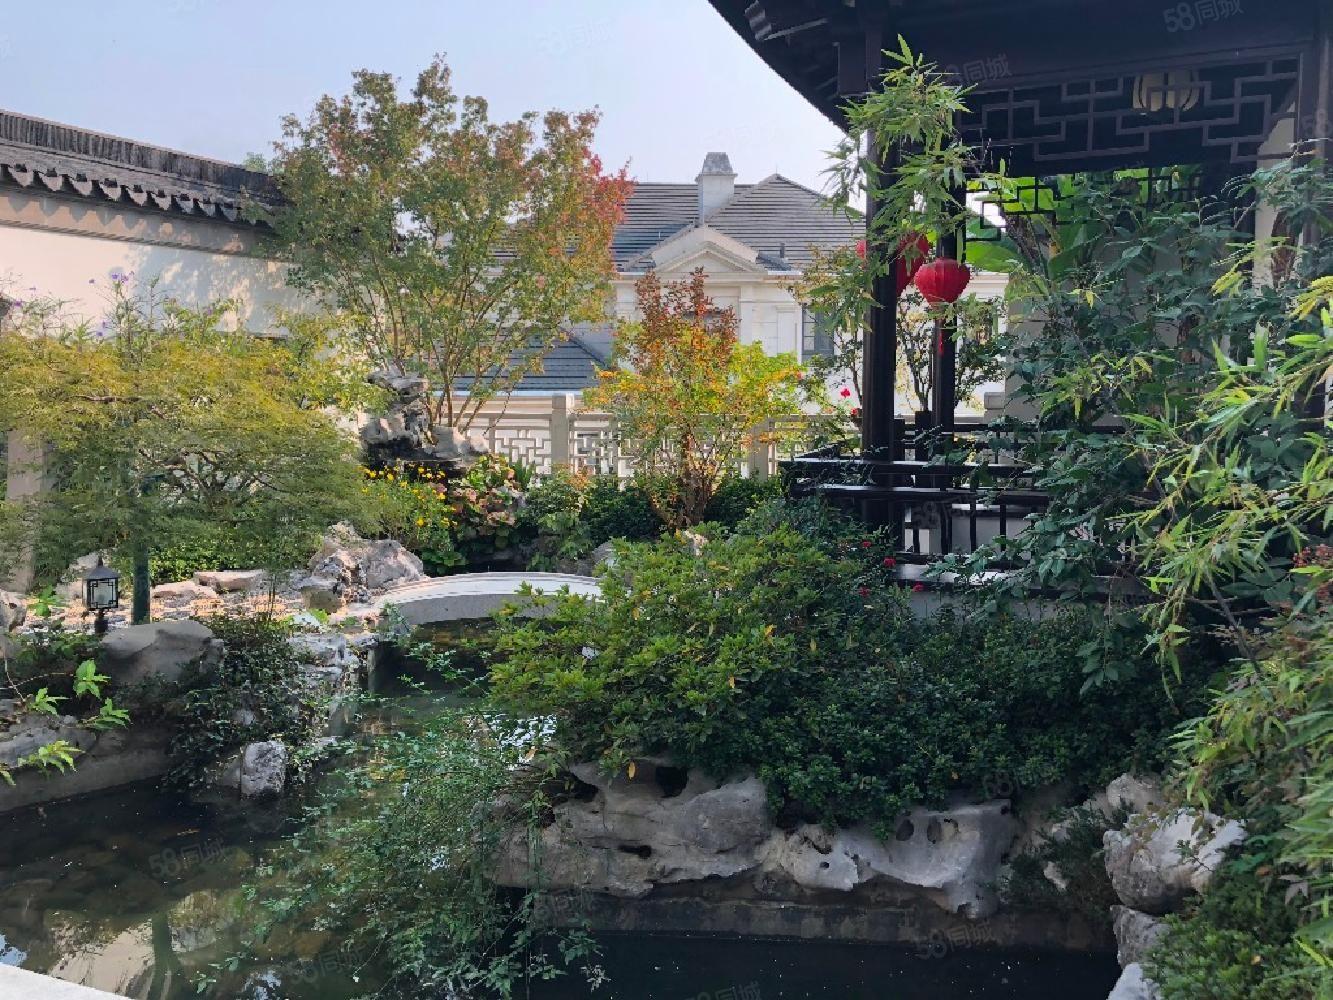 西湖十里處一院瞰江山綠城富春玫瑰園綠城中式合院別墅急售